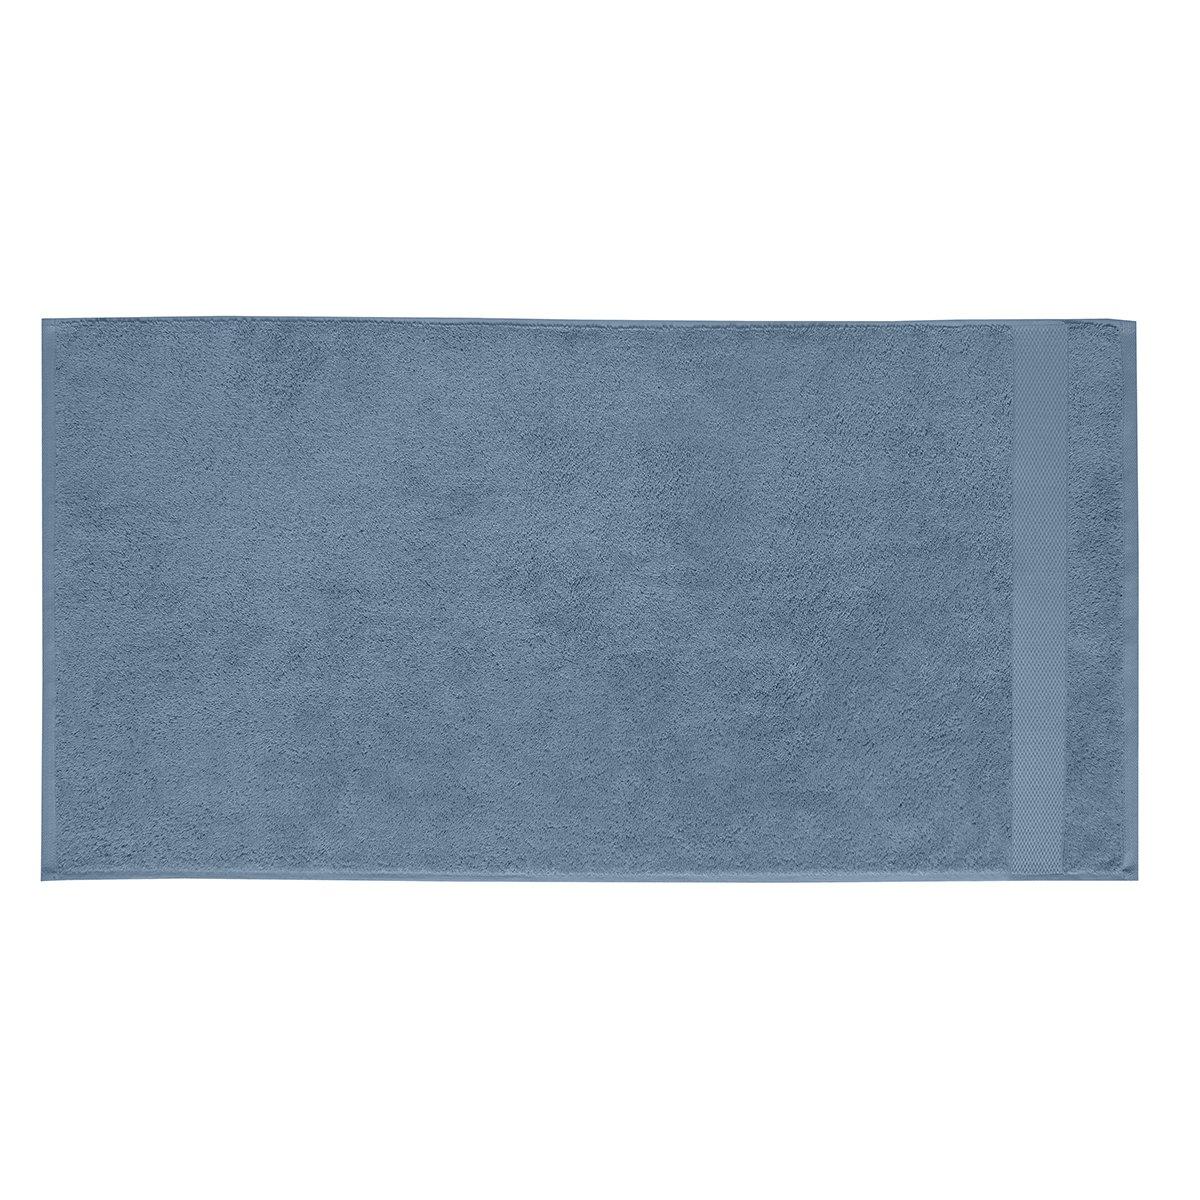 Drap de douche coton 70x140 cm gentiane